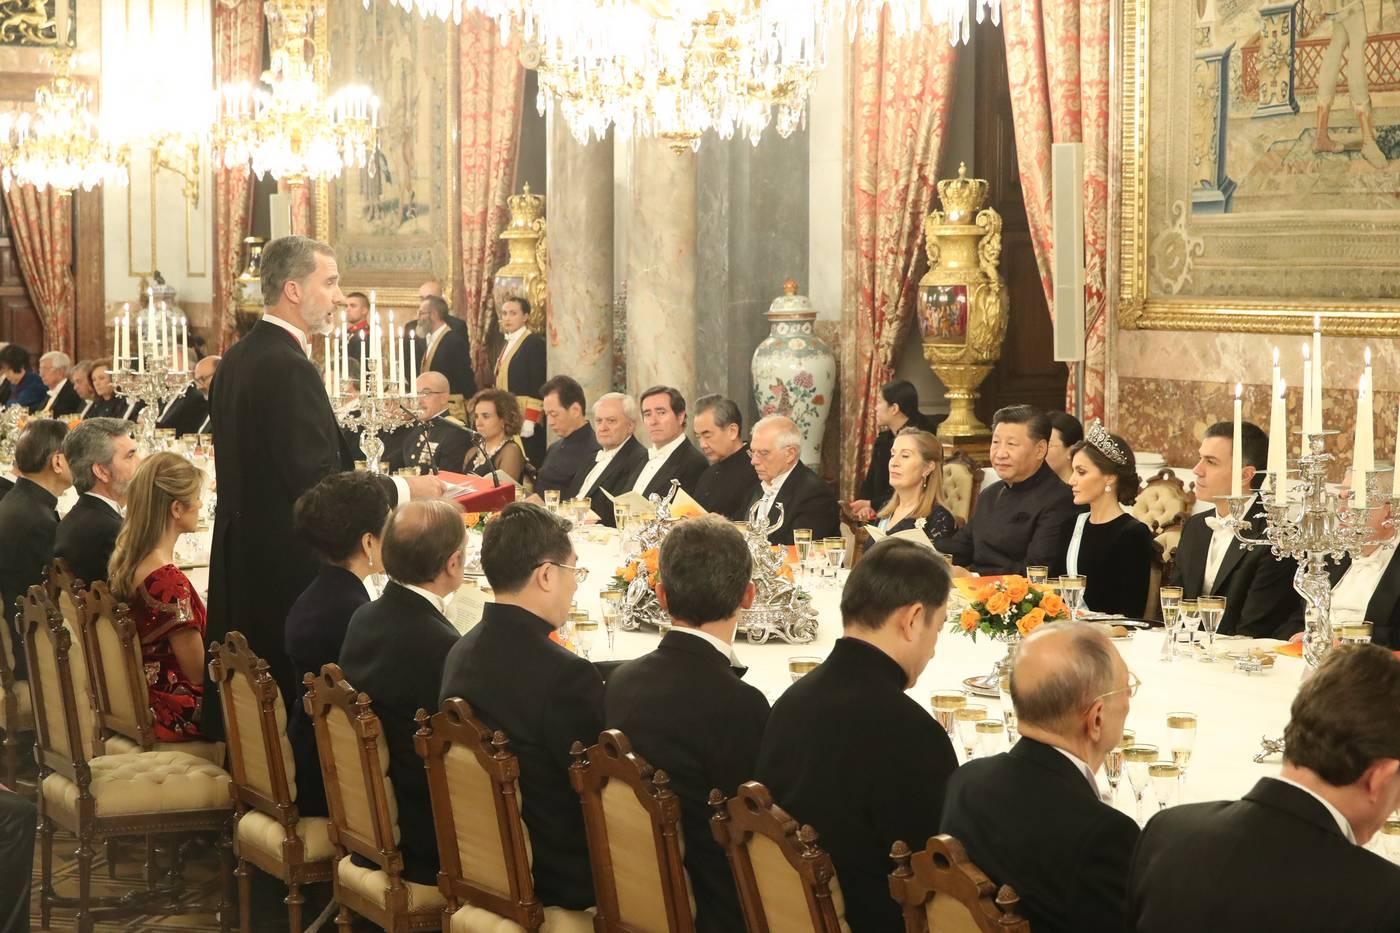 La reina Letizia usa la Tiara Rusa por primera vez